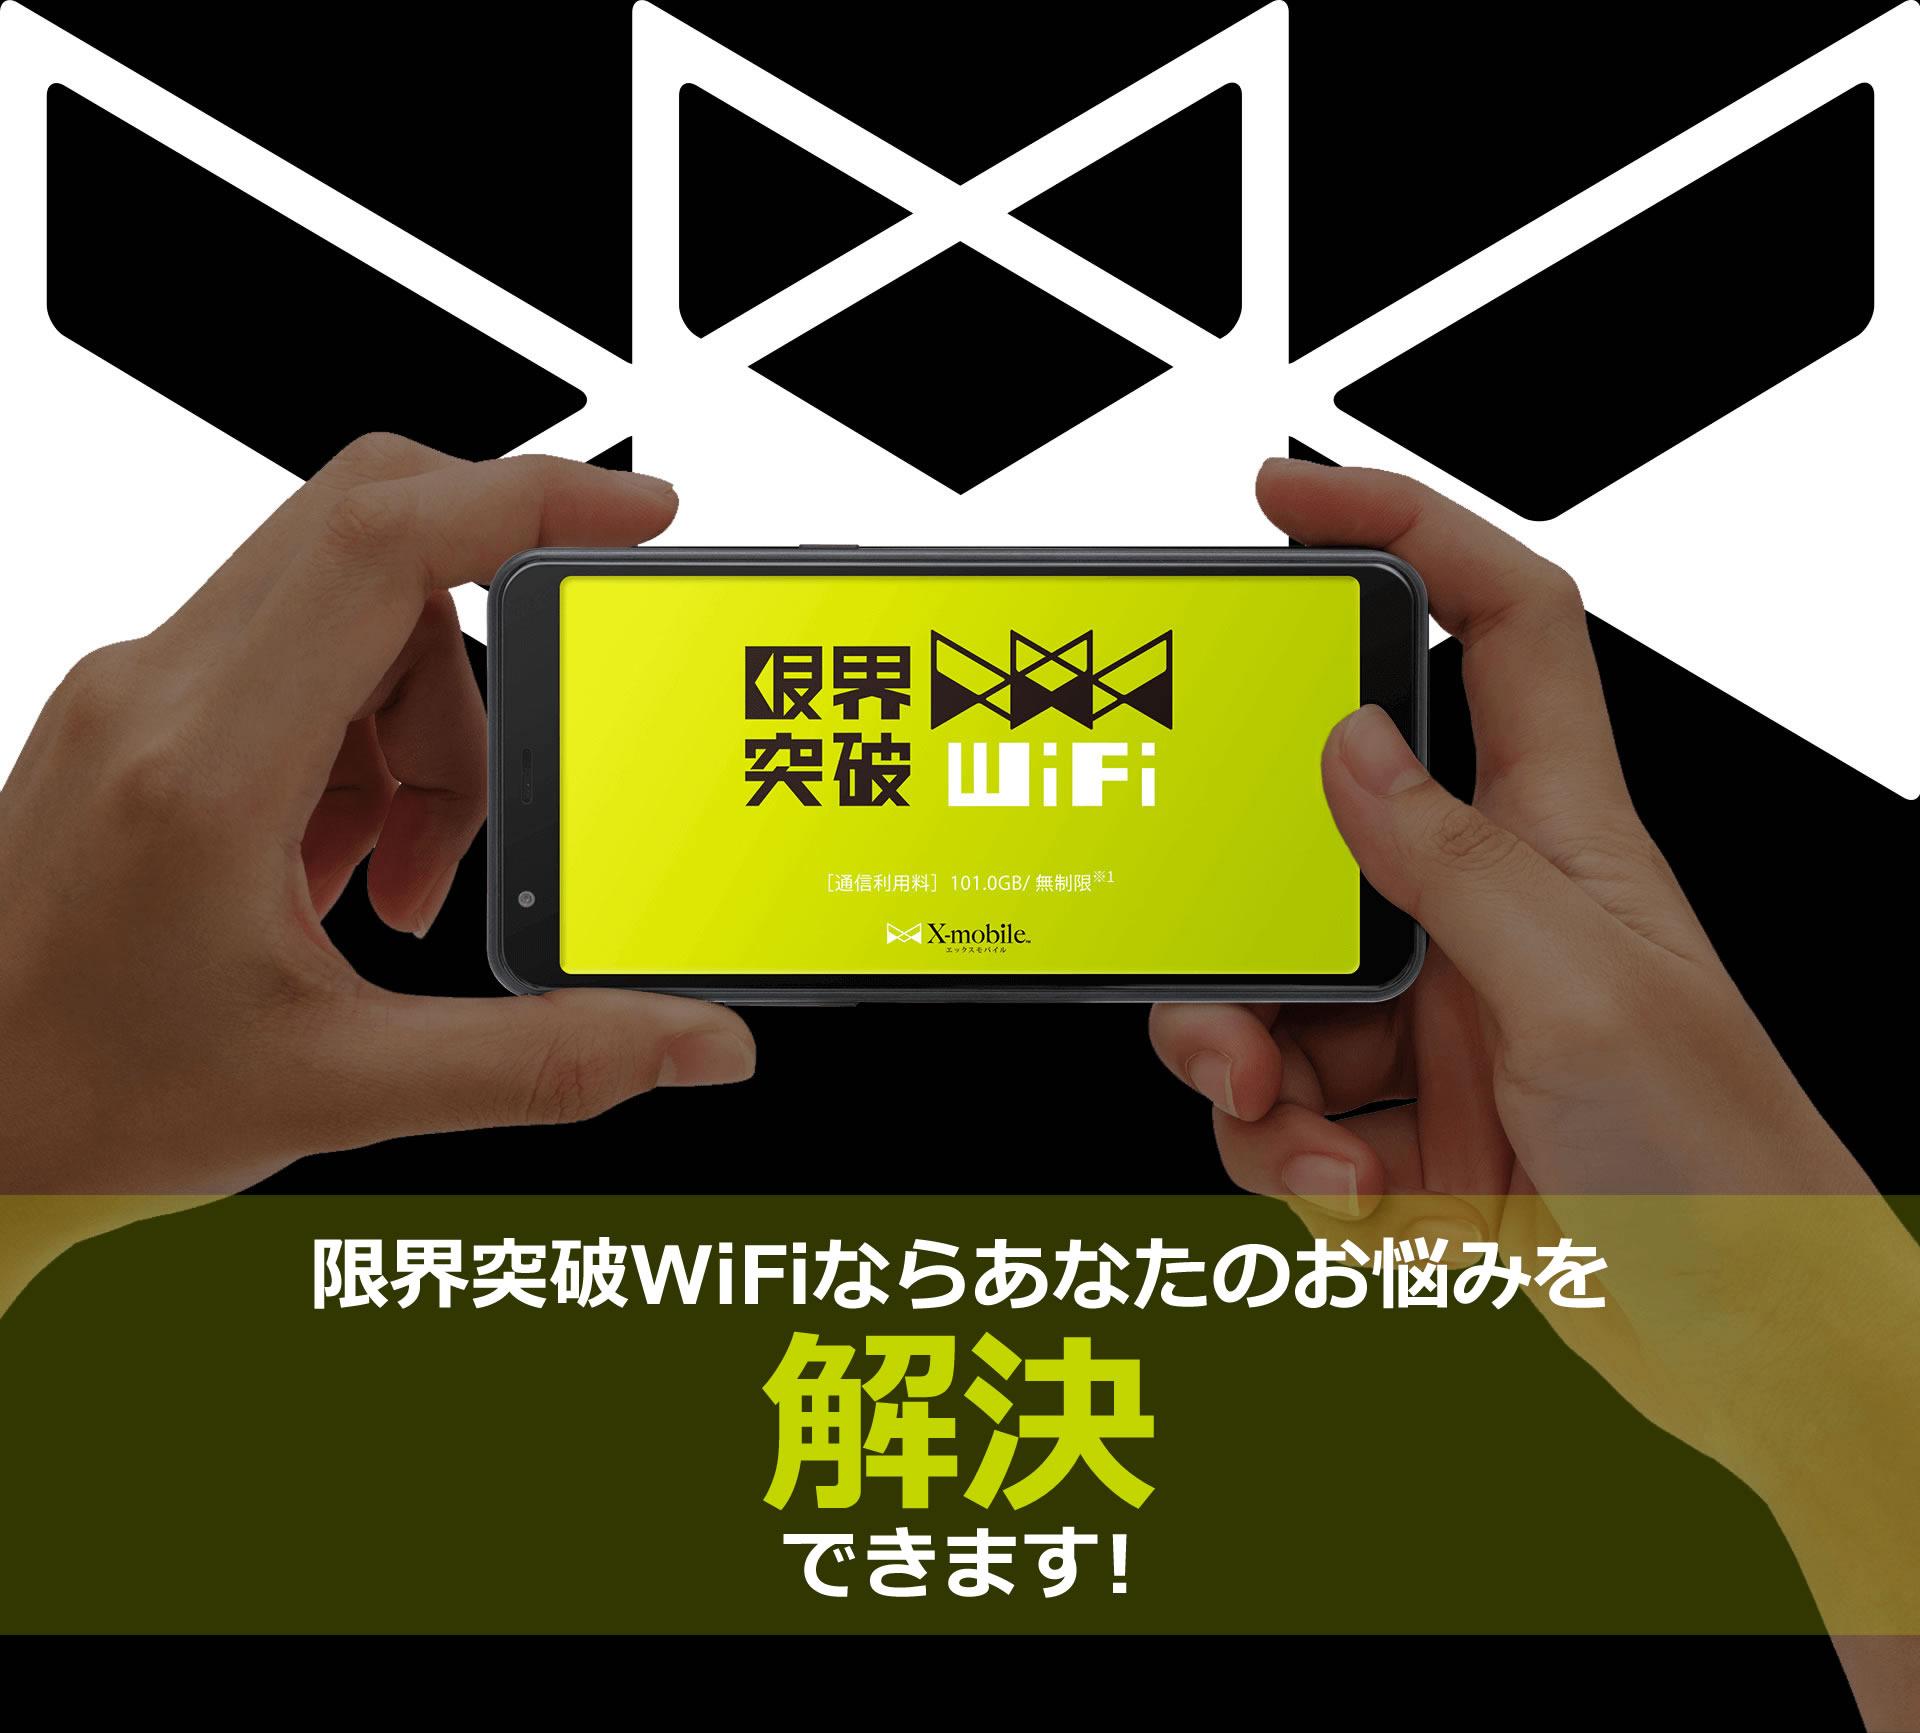 限界突破WiFiならあなたのお悩みを解決できます